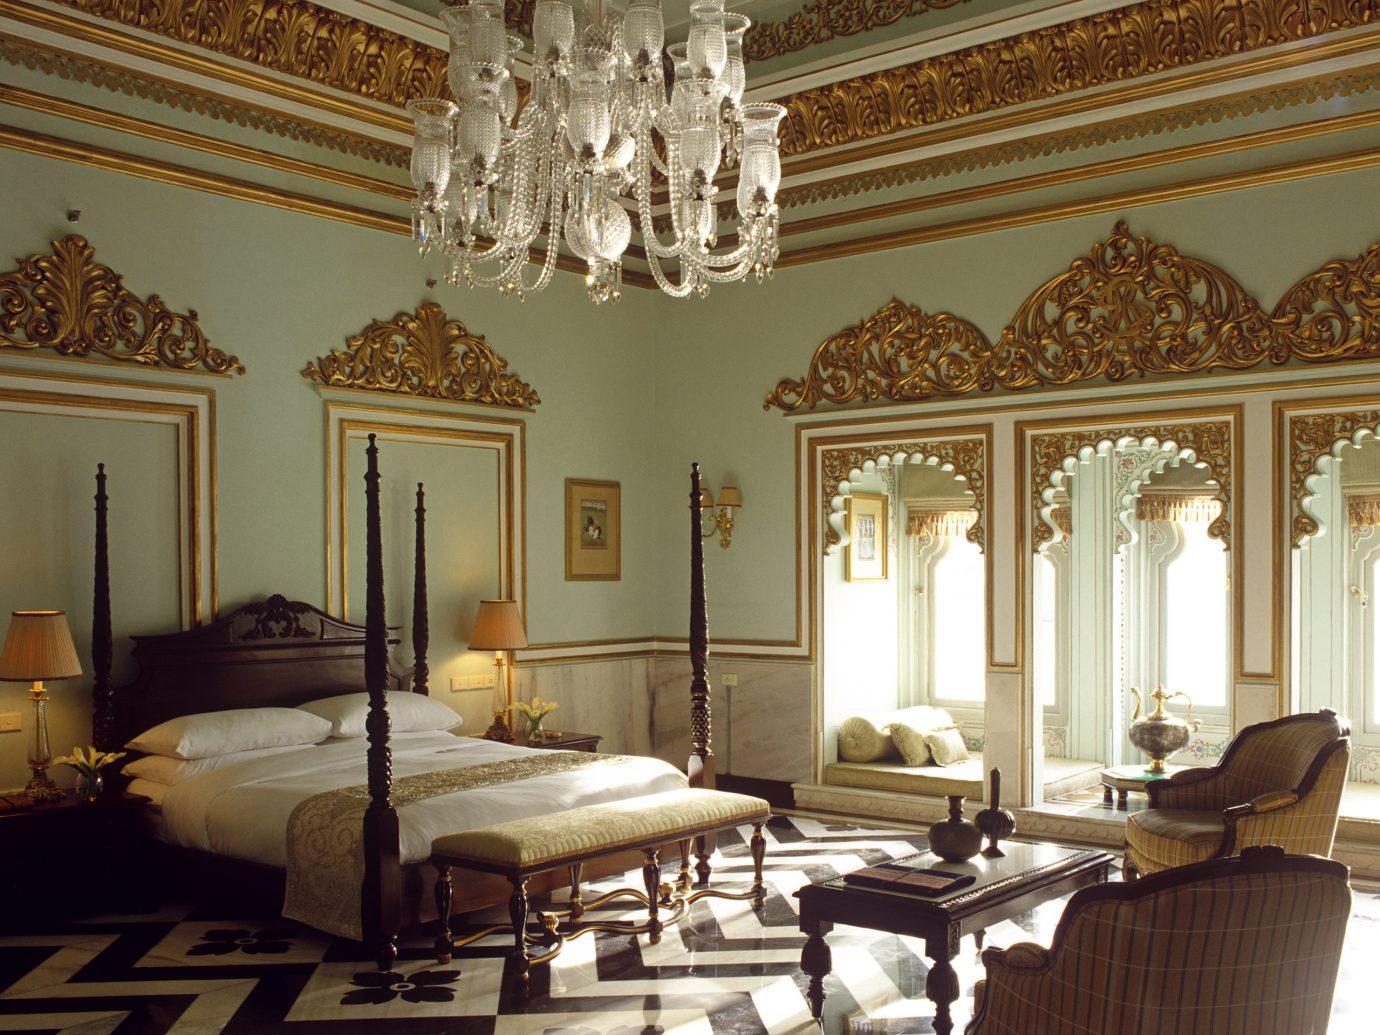 Bedroom at Taj Lake Palace, Udaipur